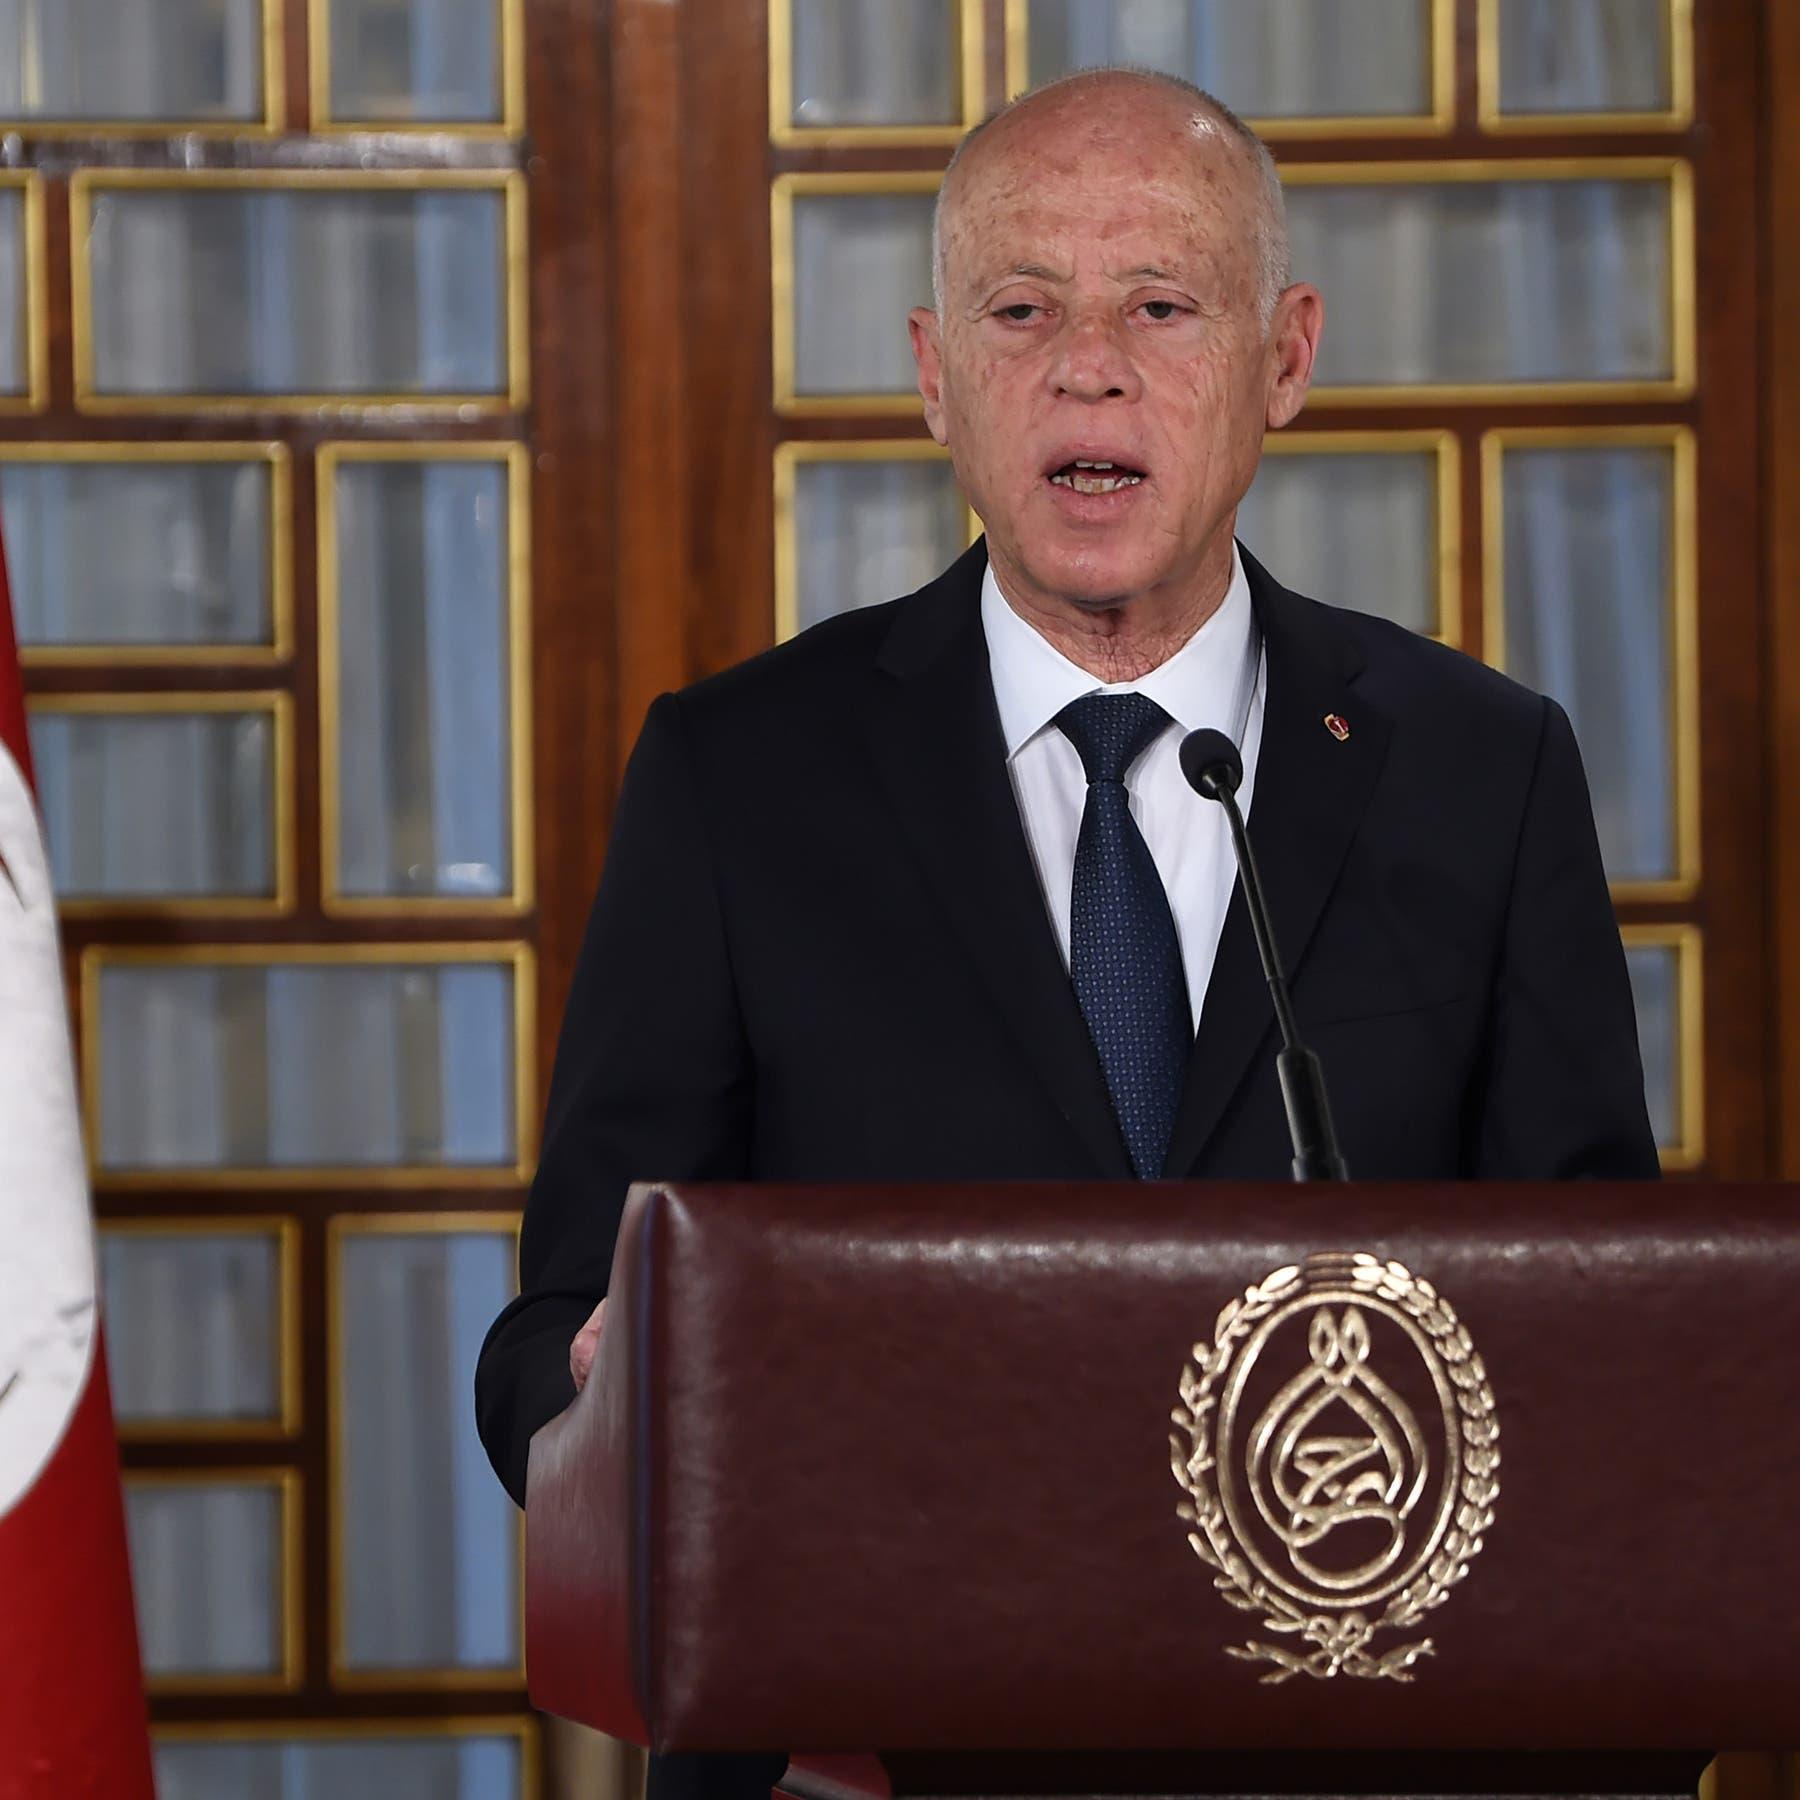 قيس سعيد: سنرد عسكرياً على أي اعتداء يطال تونس